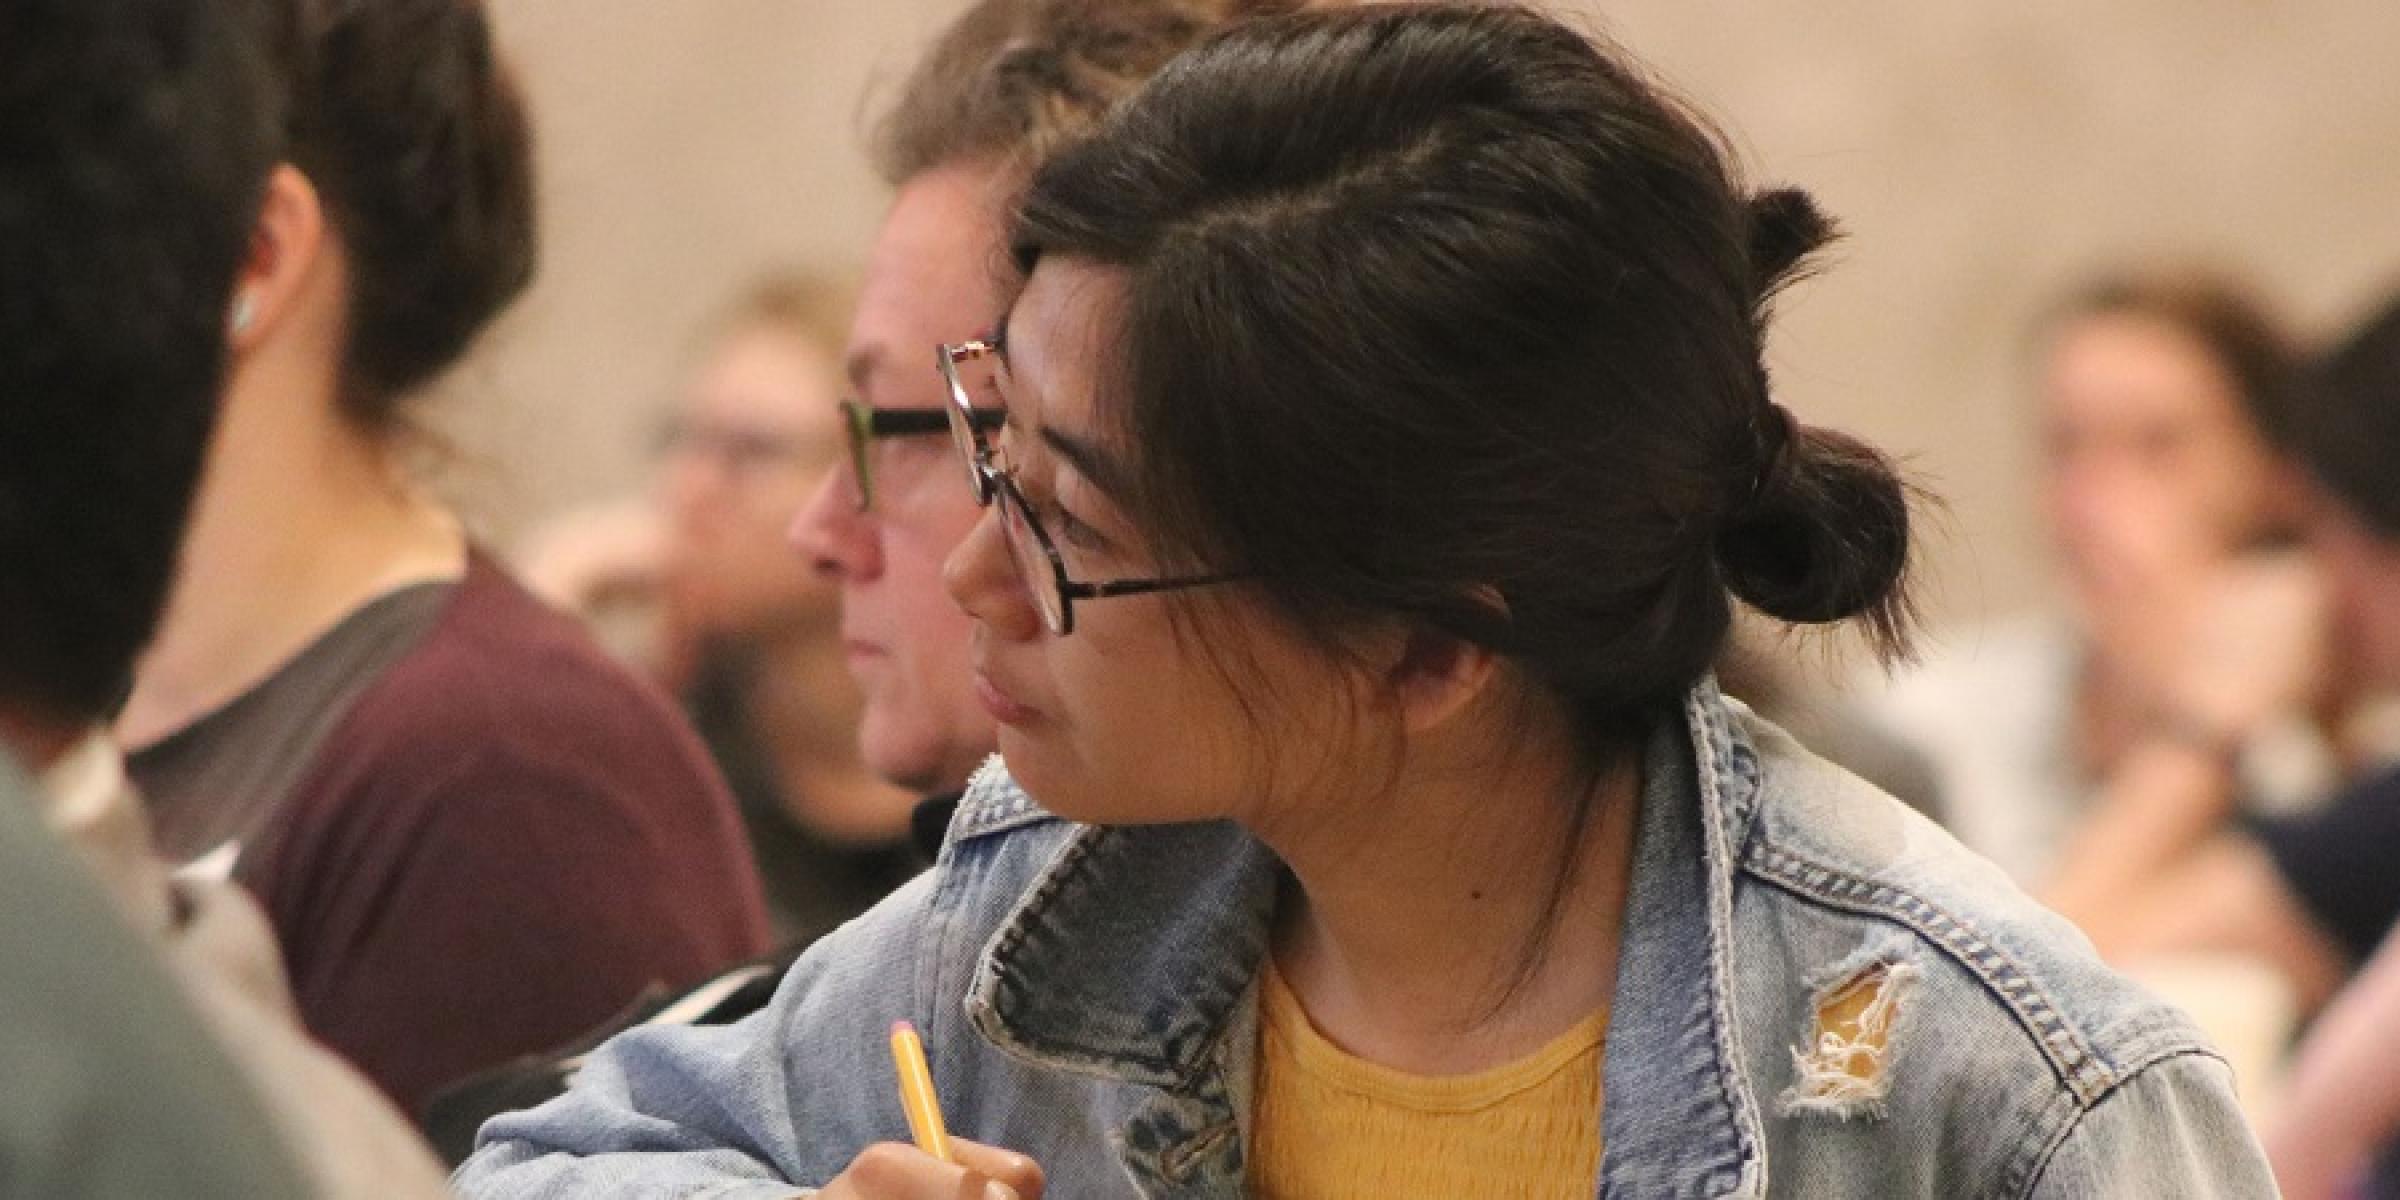 Students at CCTI